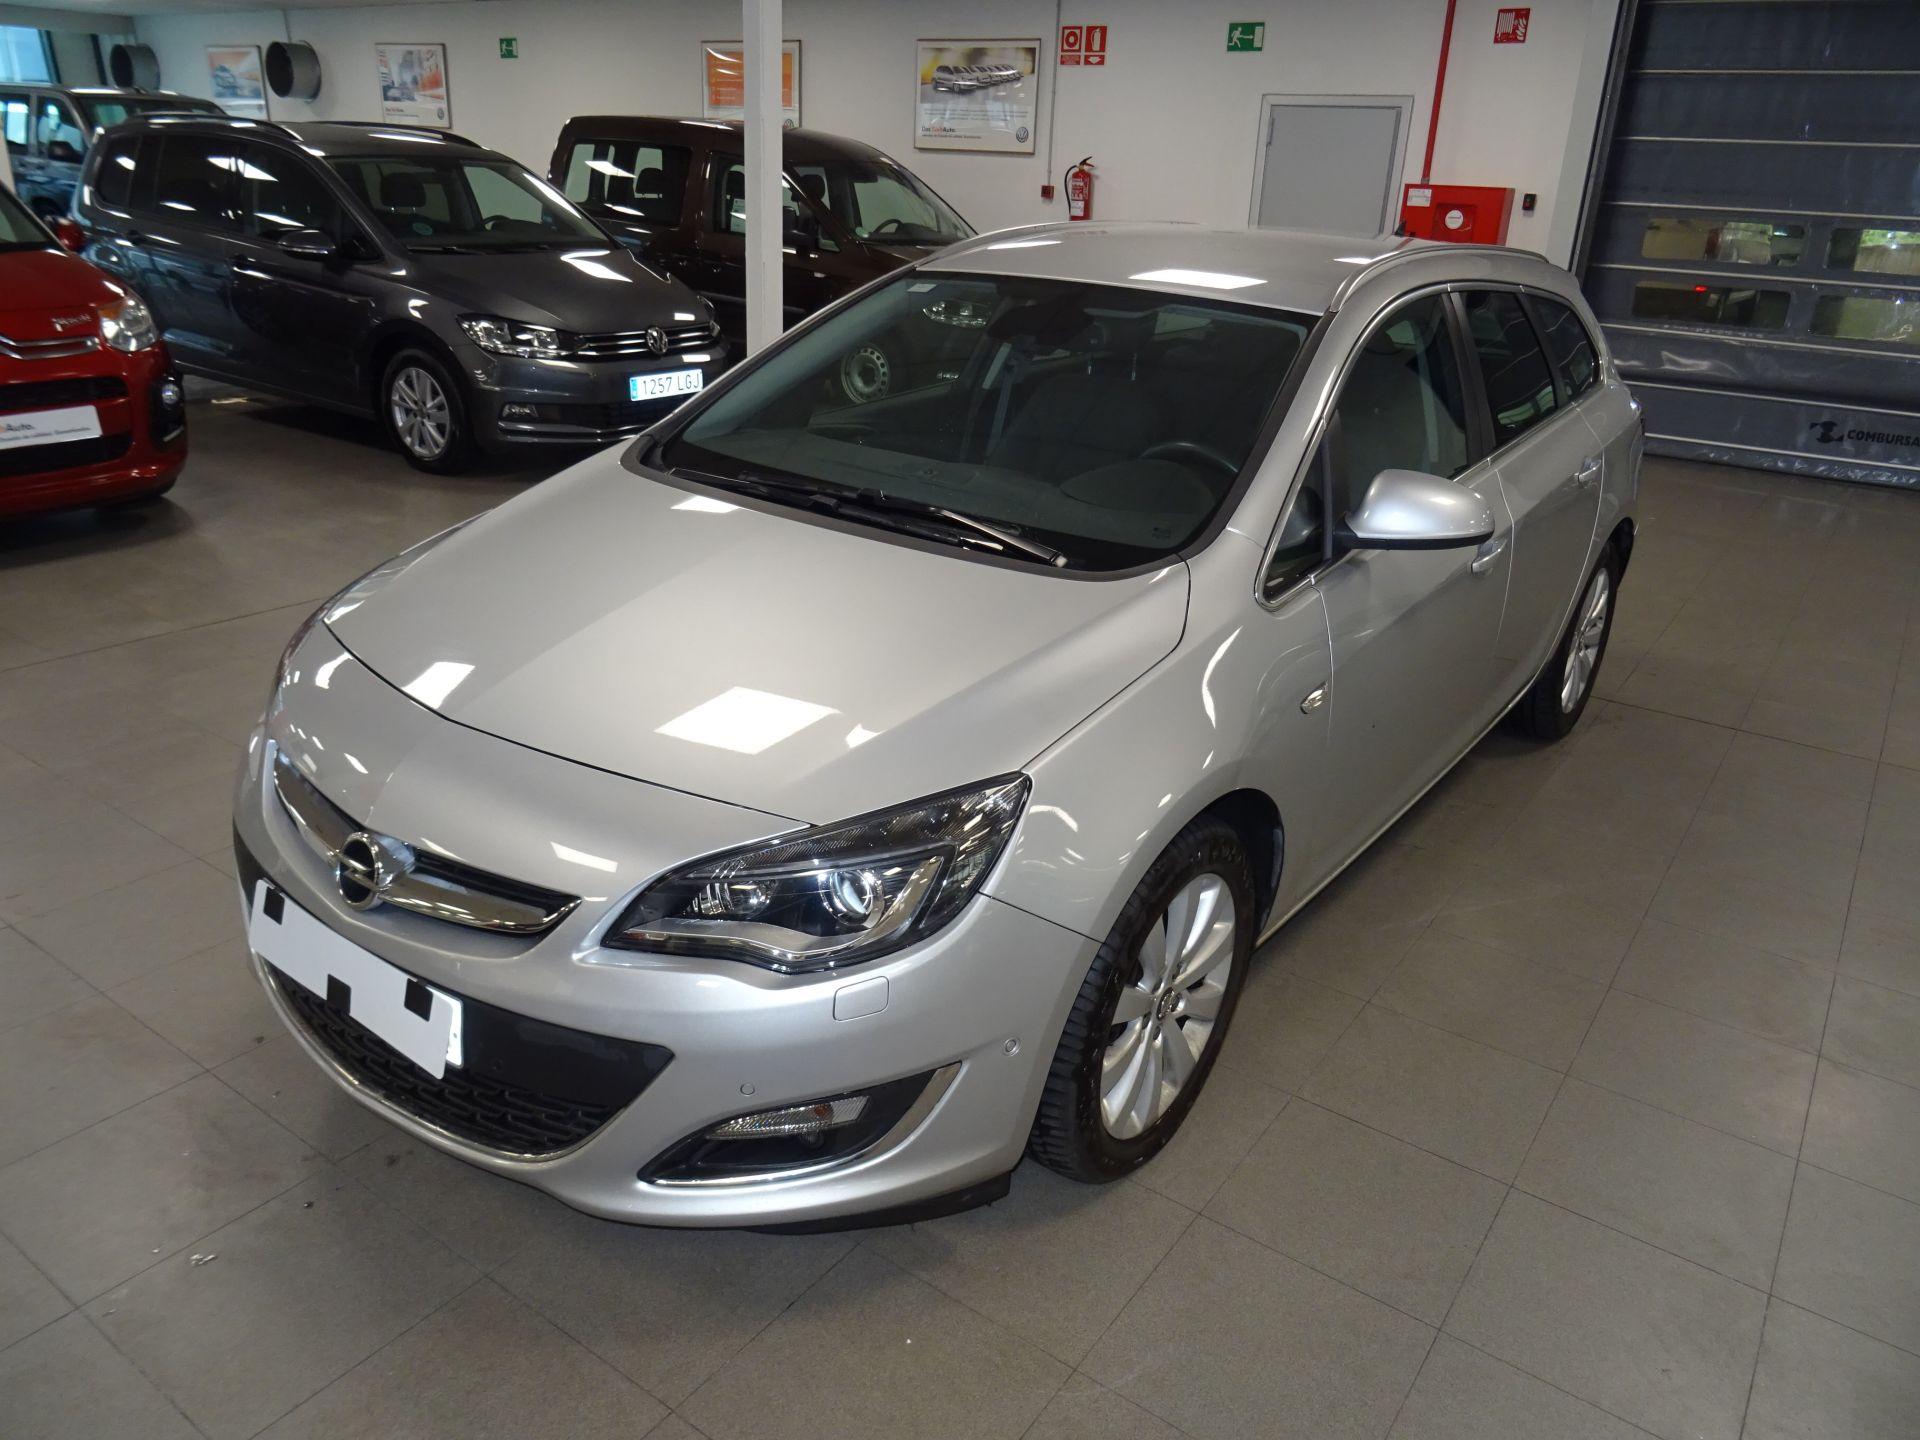 Opel Astra 1.7 ecoFlex S/S 130 CV Excellence